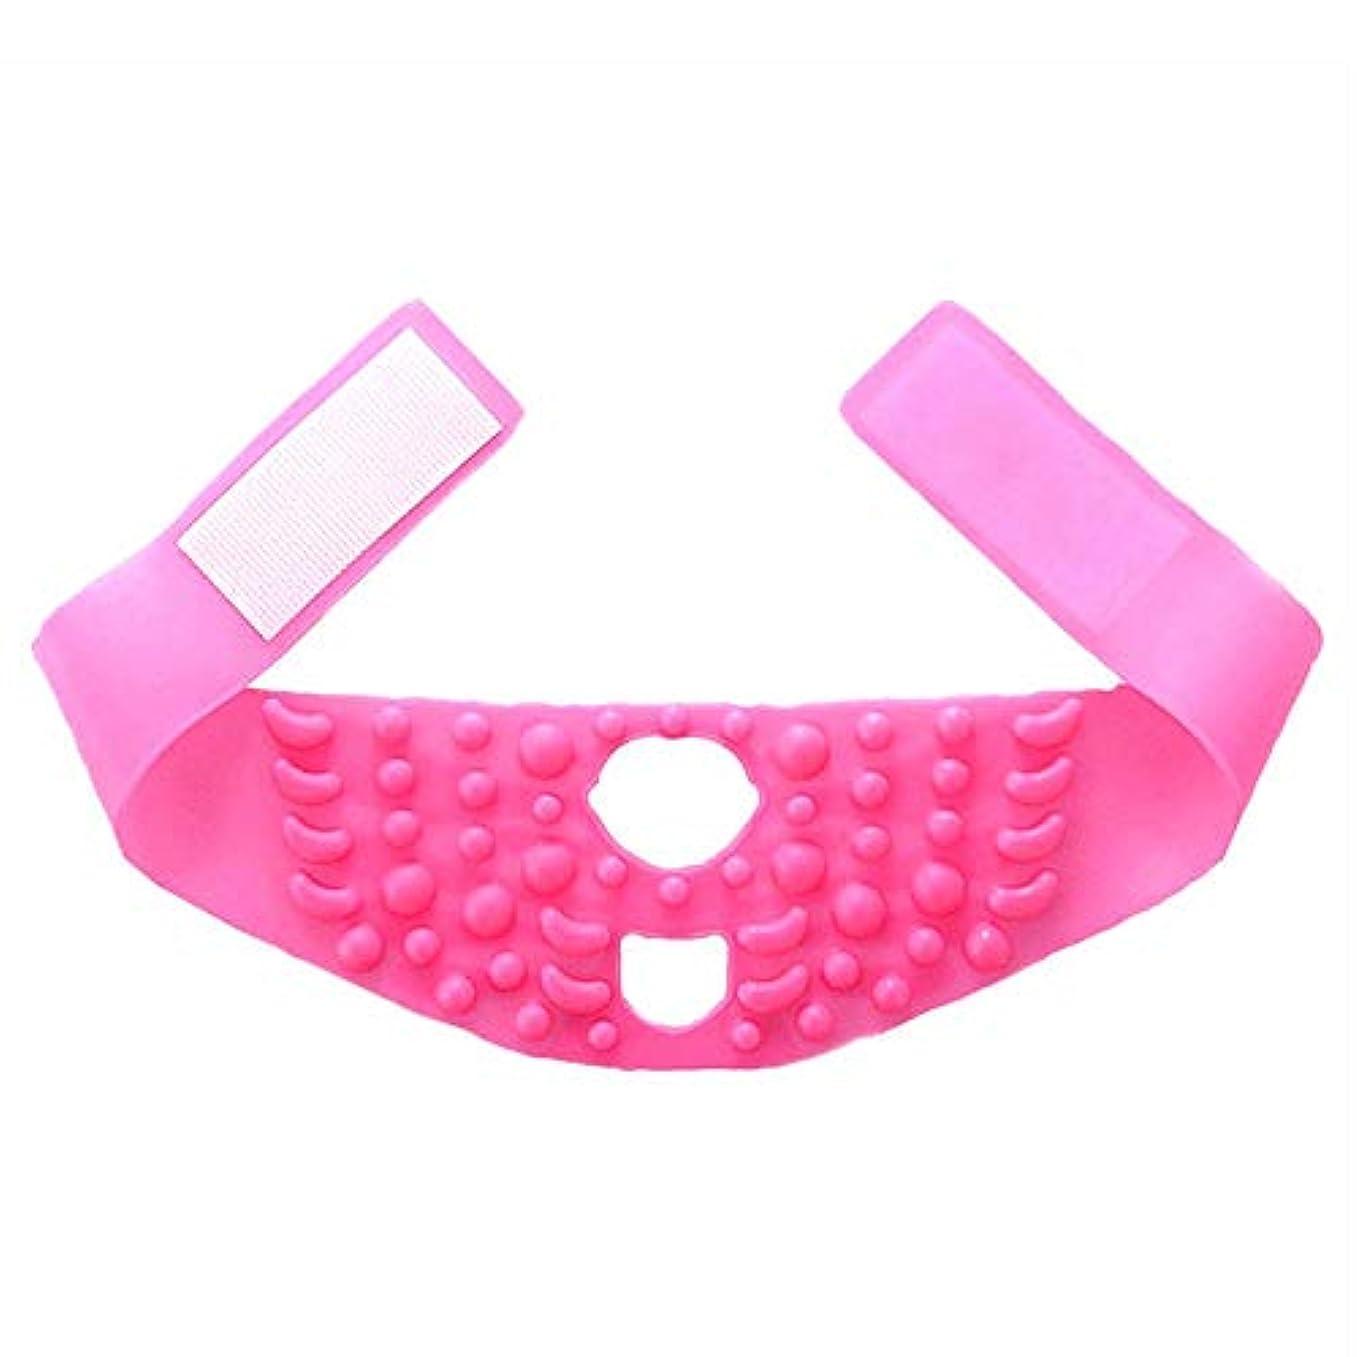 め言葉既婚中世のシンフェイスマスクシリコーンマッサージ引き締まった形の小さなVフェイスリフティングに薄いフェイスアーティファクト包帯を飾る - ピンク